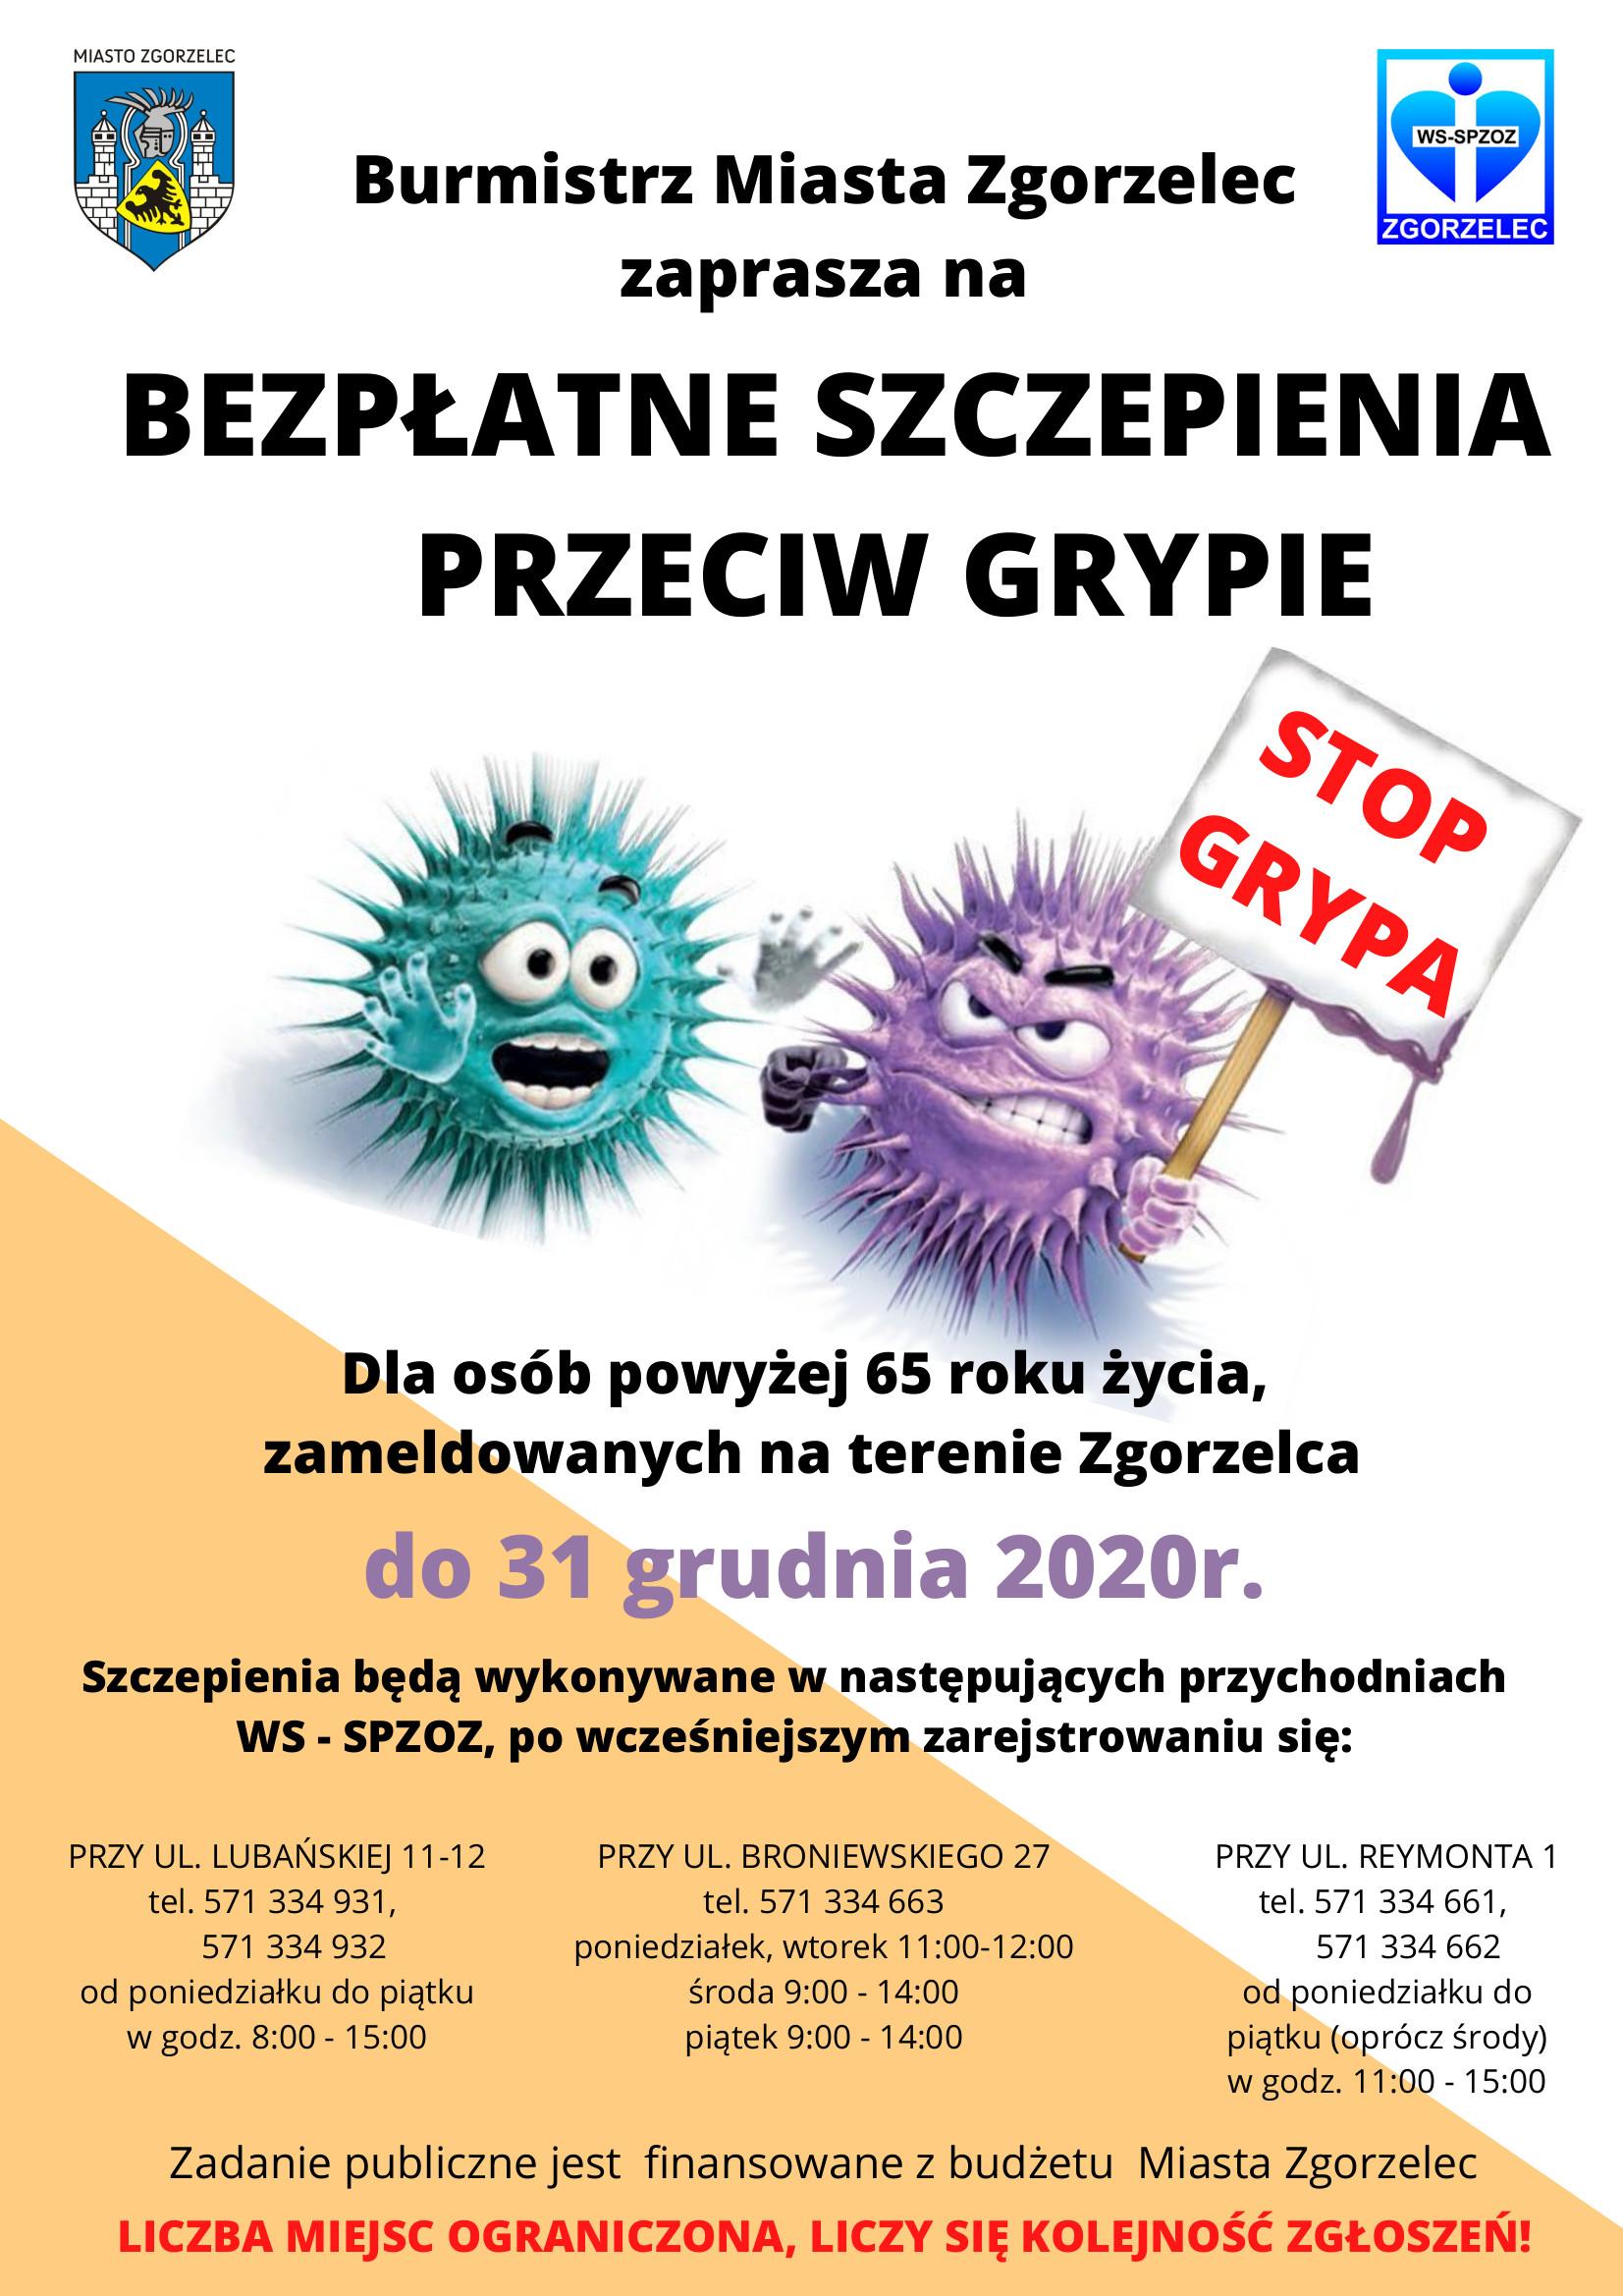 Szczepienia przeciw grypie dla mieszkańców Zgorzelca powyżej 65 roku życia